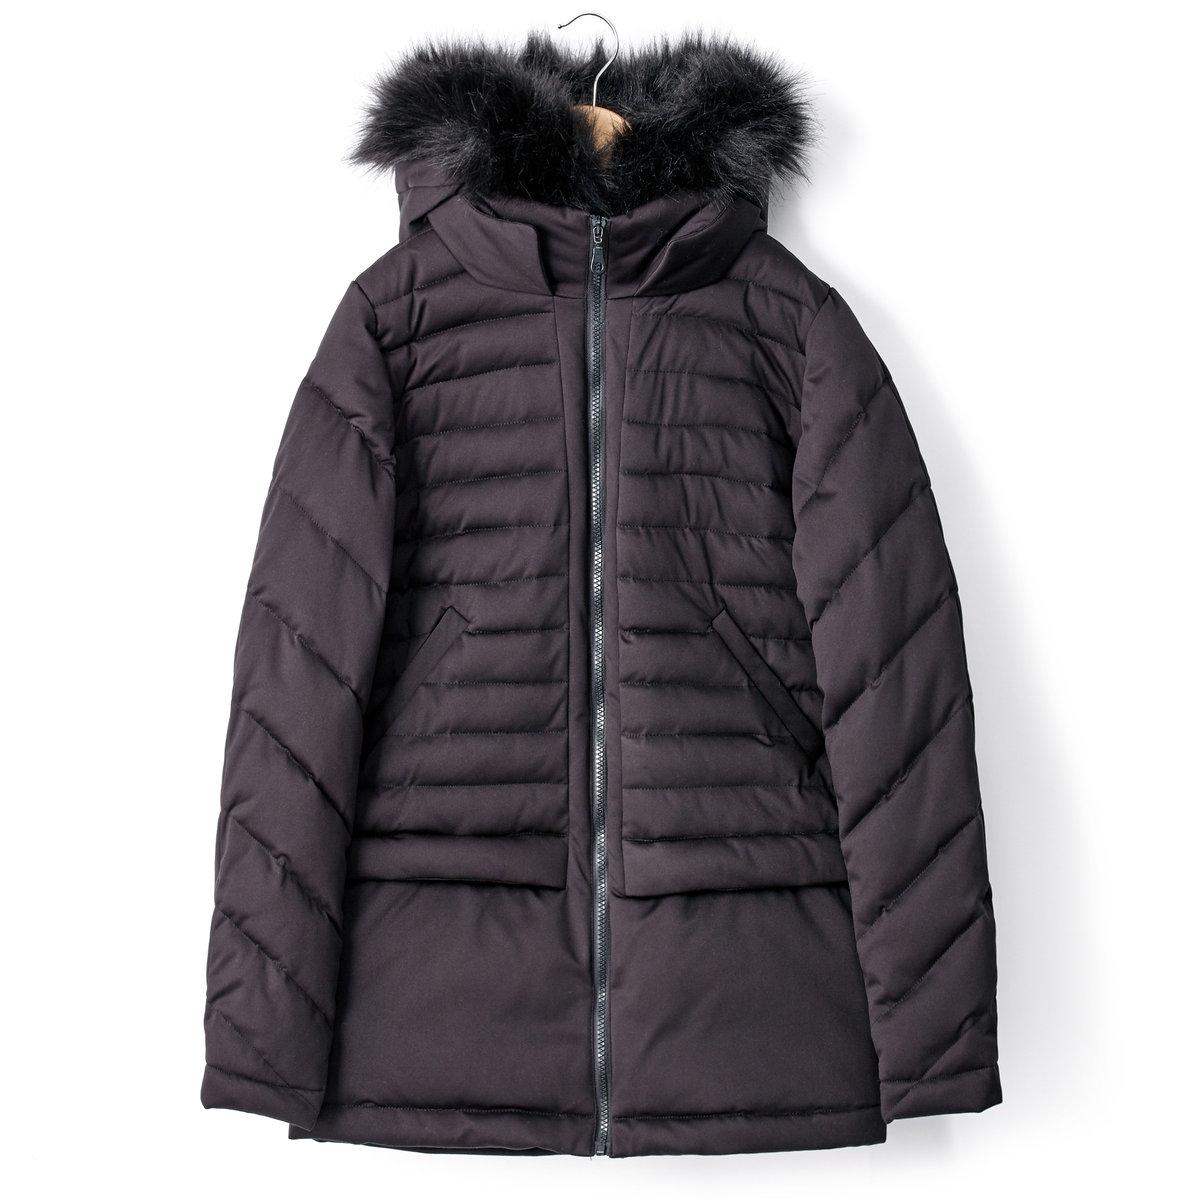 Куртка стеганая с капюшоном и застежкой на молниюСтеганая куртка с капюшоном и застежкой на молнию. 2 кармана по бокам. Отделка капюшона искусственным мехом. 100% полиэстера. Длина 70 см.<br><br>Цвет: черный<br>Размер: 40 (FR) - 46 (RUS)